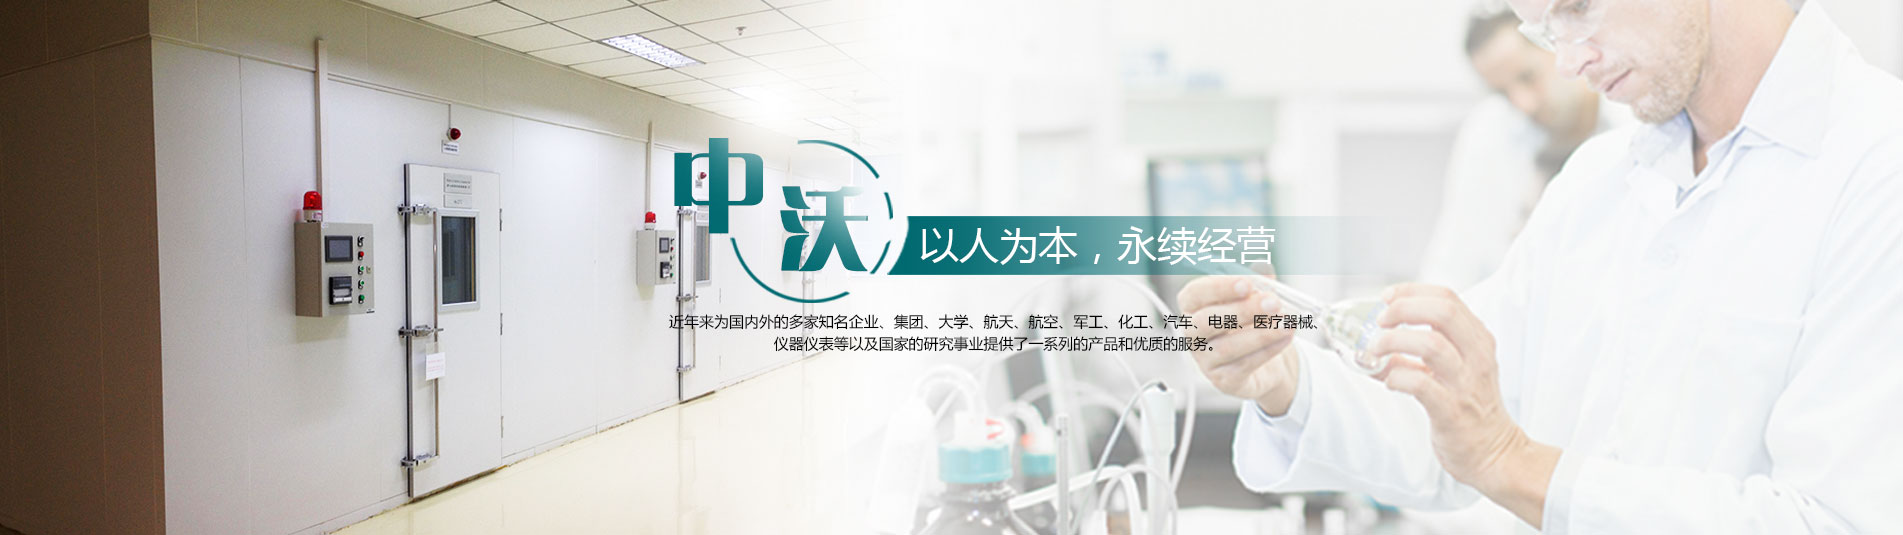 上海中沃电子科技博美彩票有限公司